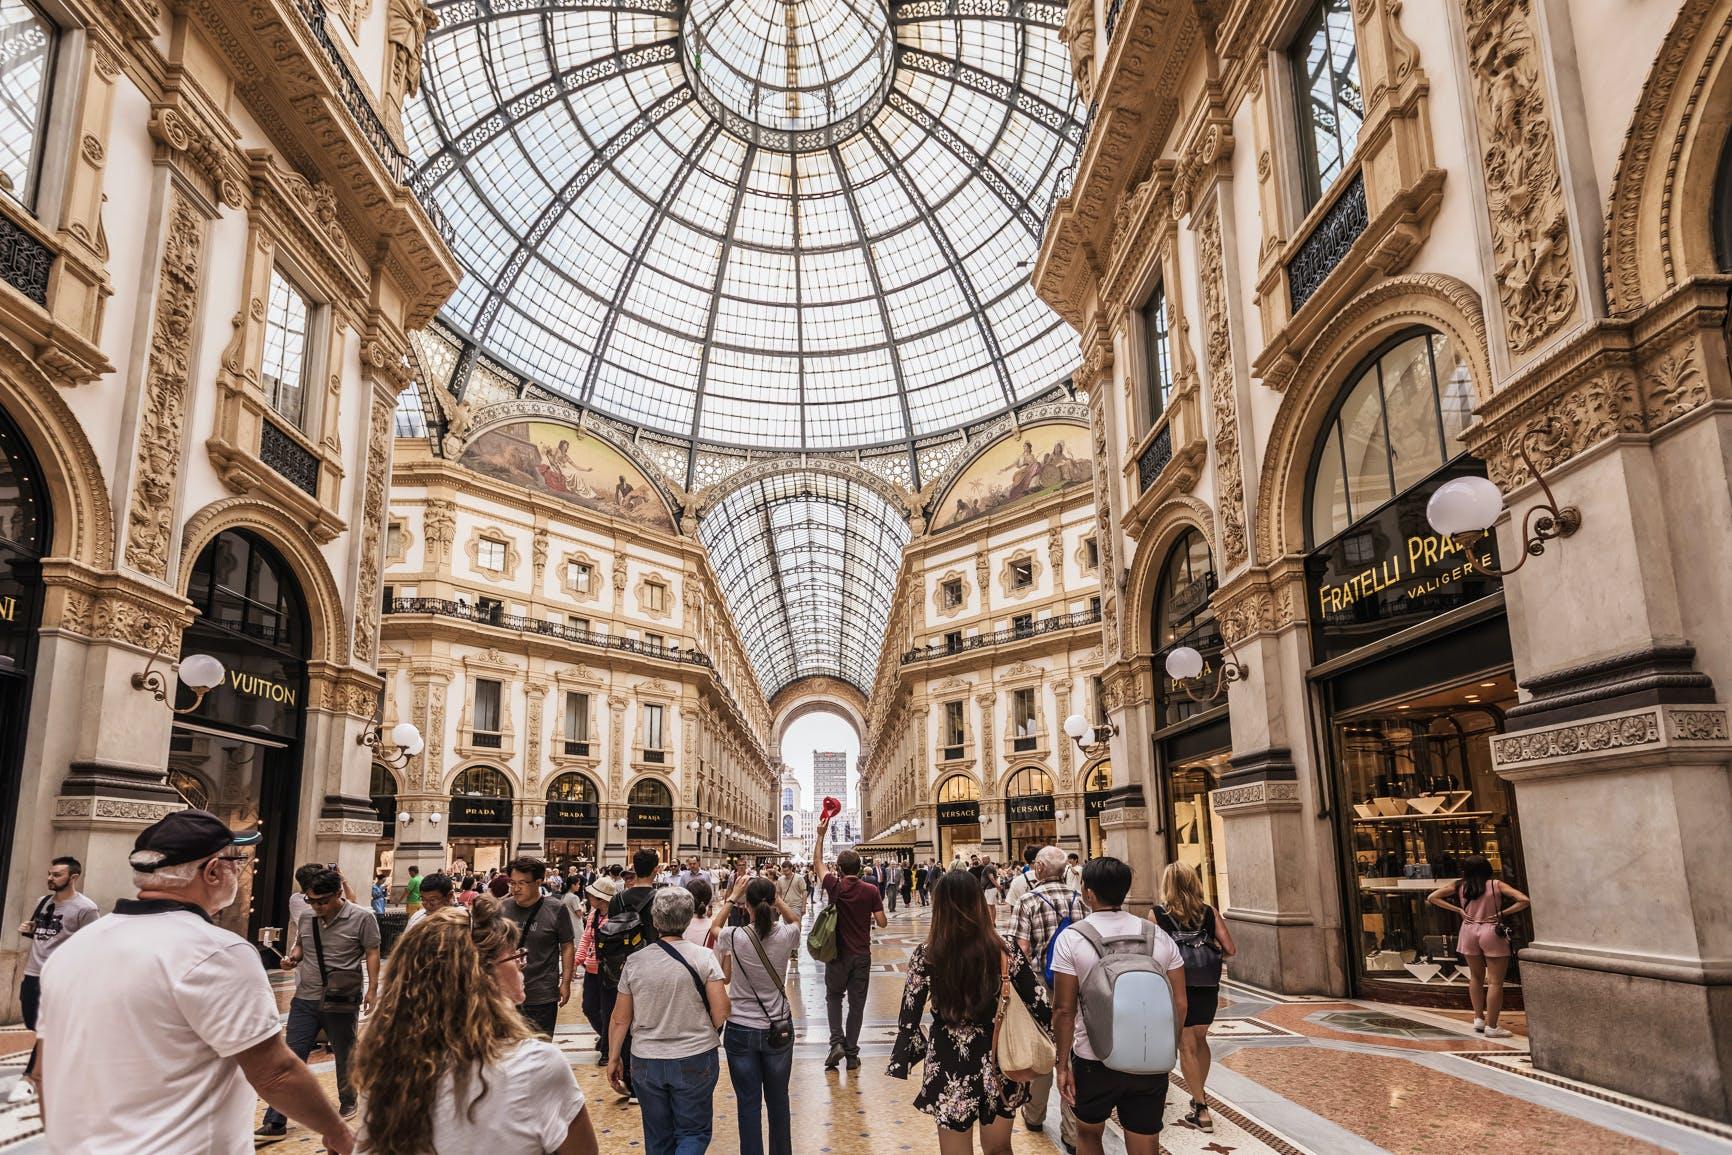 Ver la ciudad,Tickets, museos, atracciones,Tickets, museos, atracciones,Entradas para evitar colas,Entradas a atracciones principales,Museos,La última cena de Da Vinci